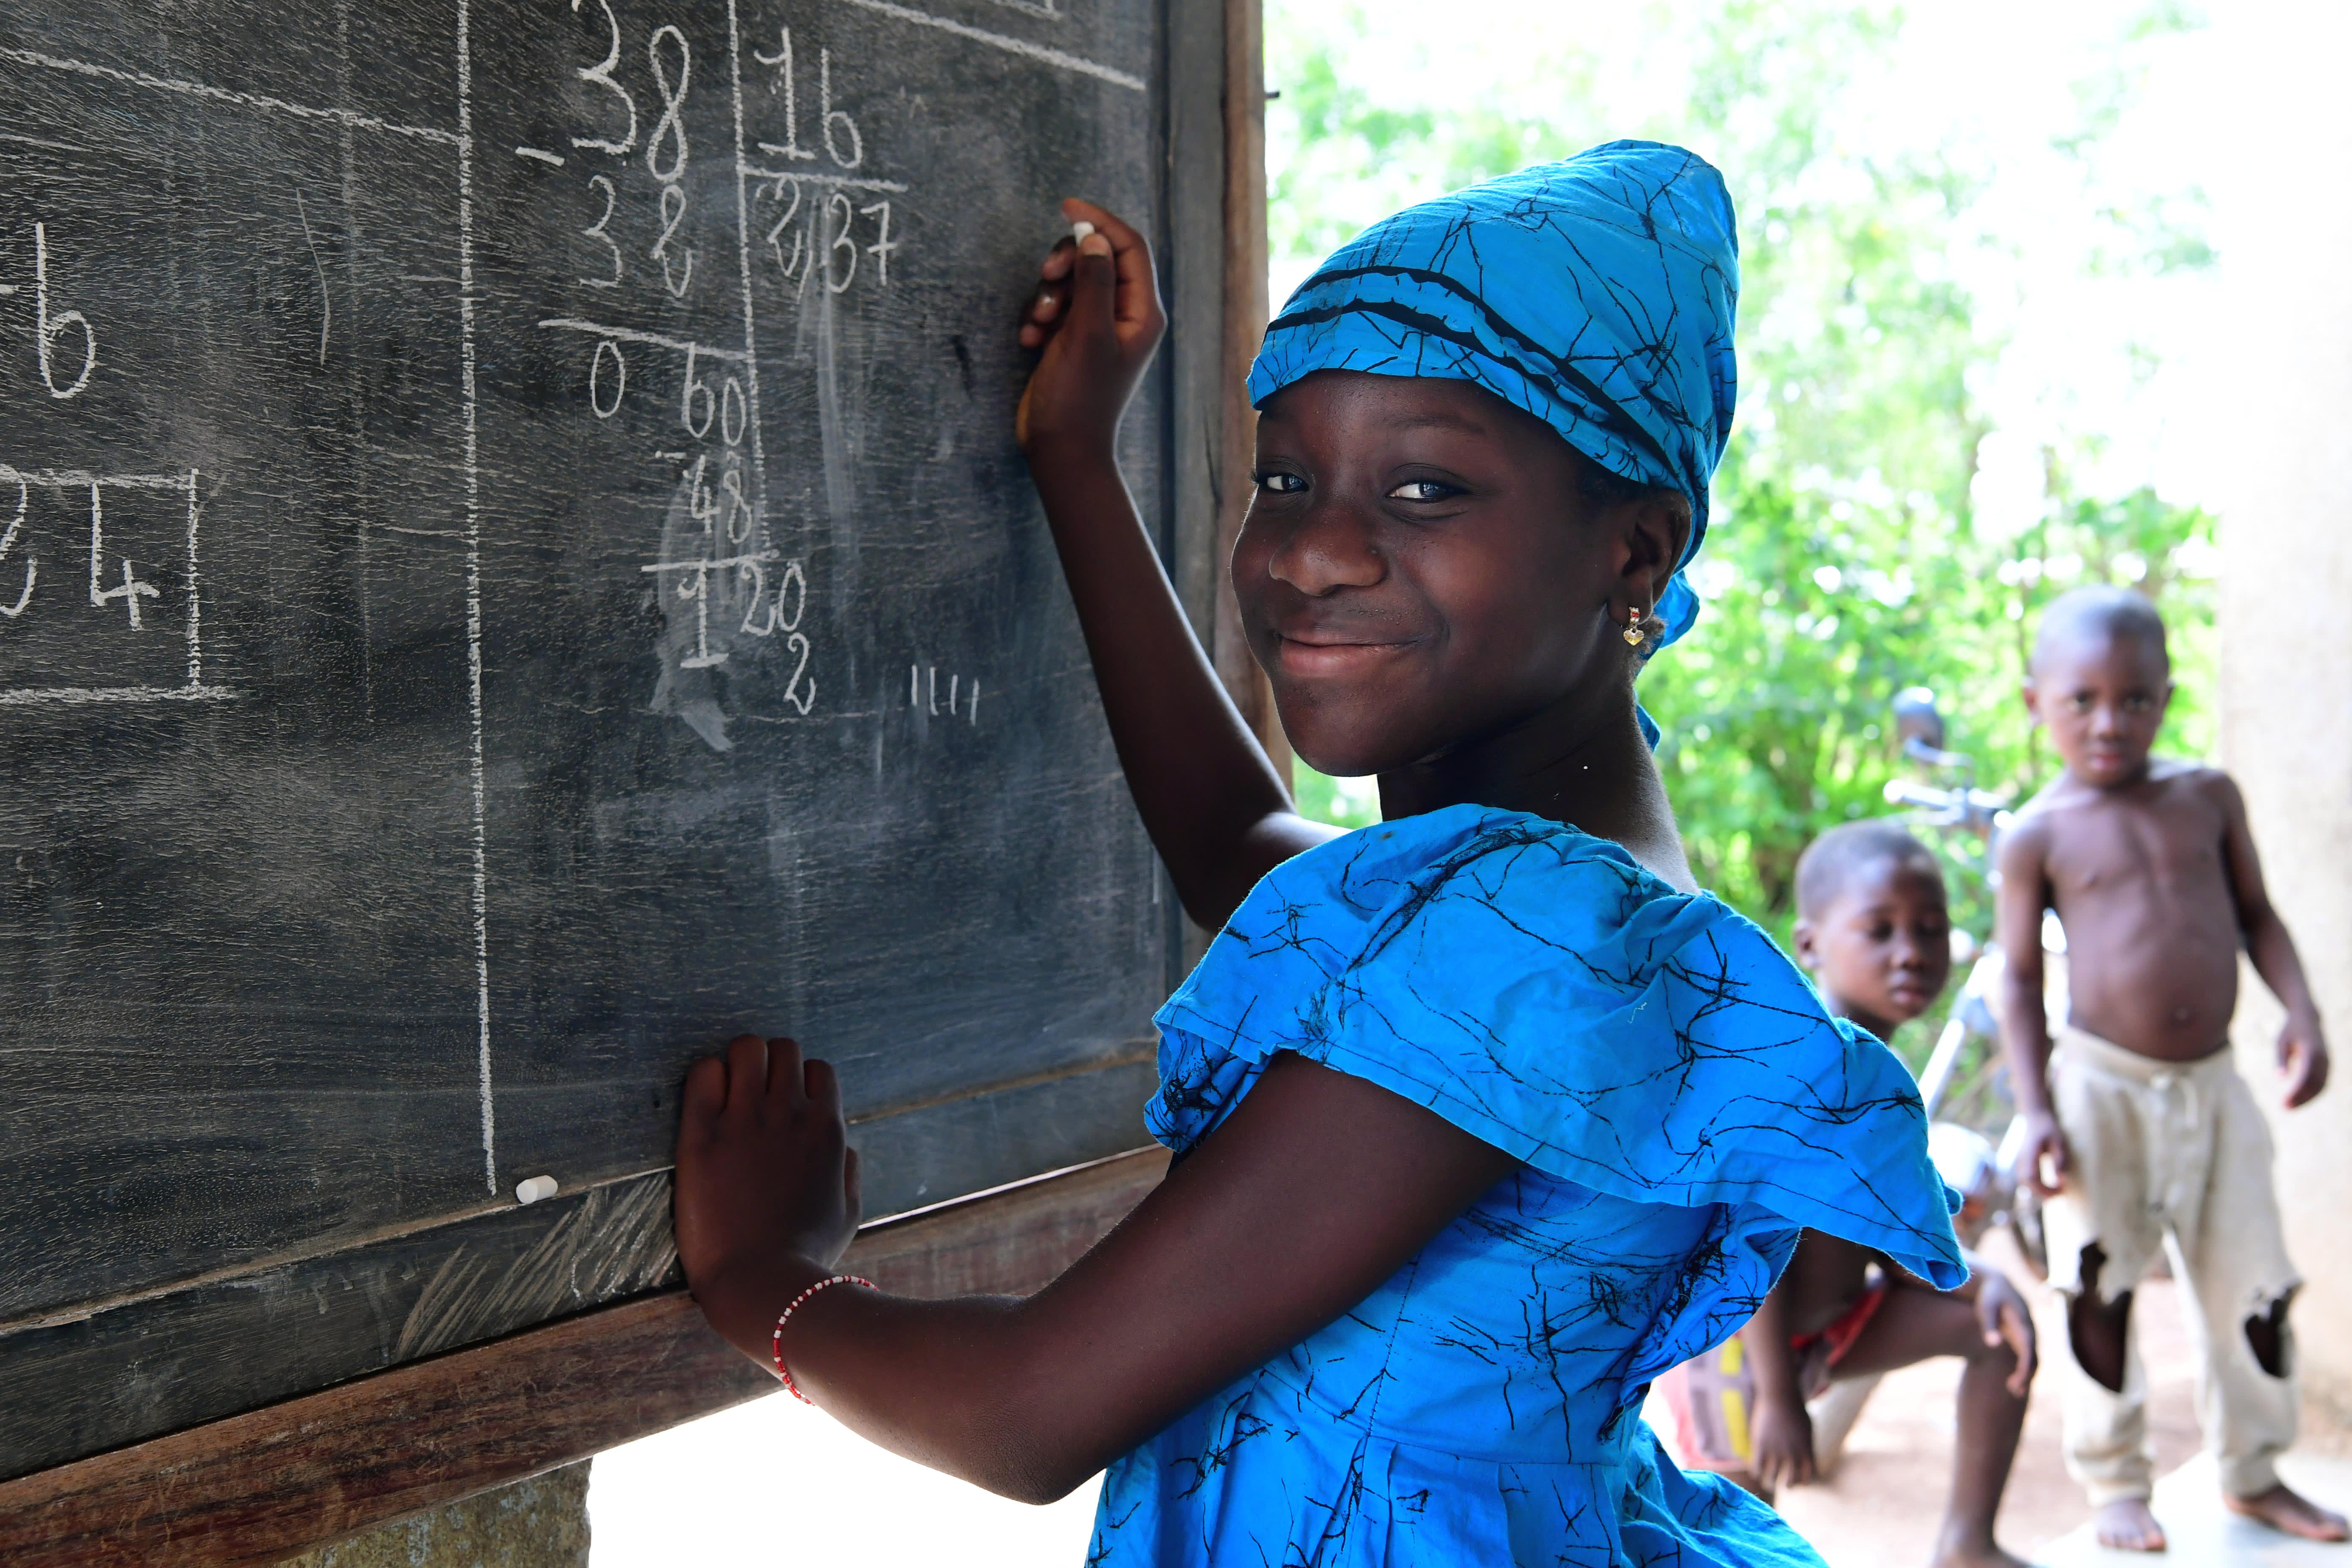 KIWI og UNICEF jobber sammen for å gi barn et bedre liv. Foto: UNICEF/Dejo